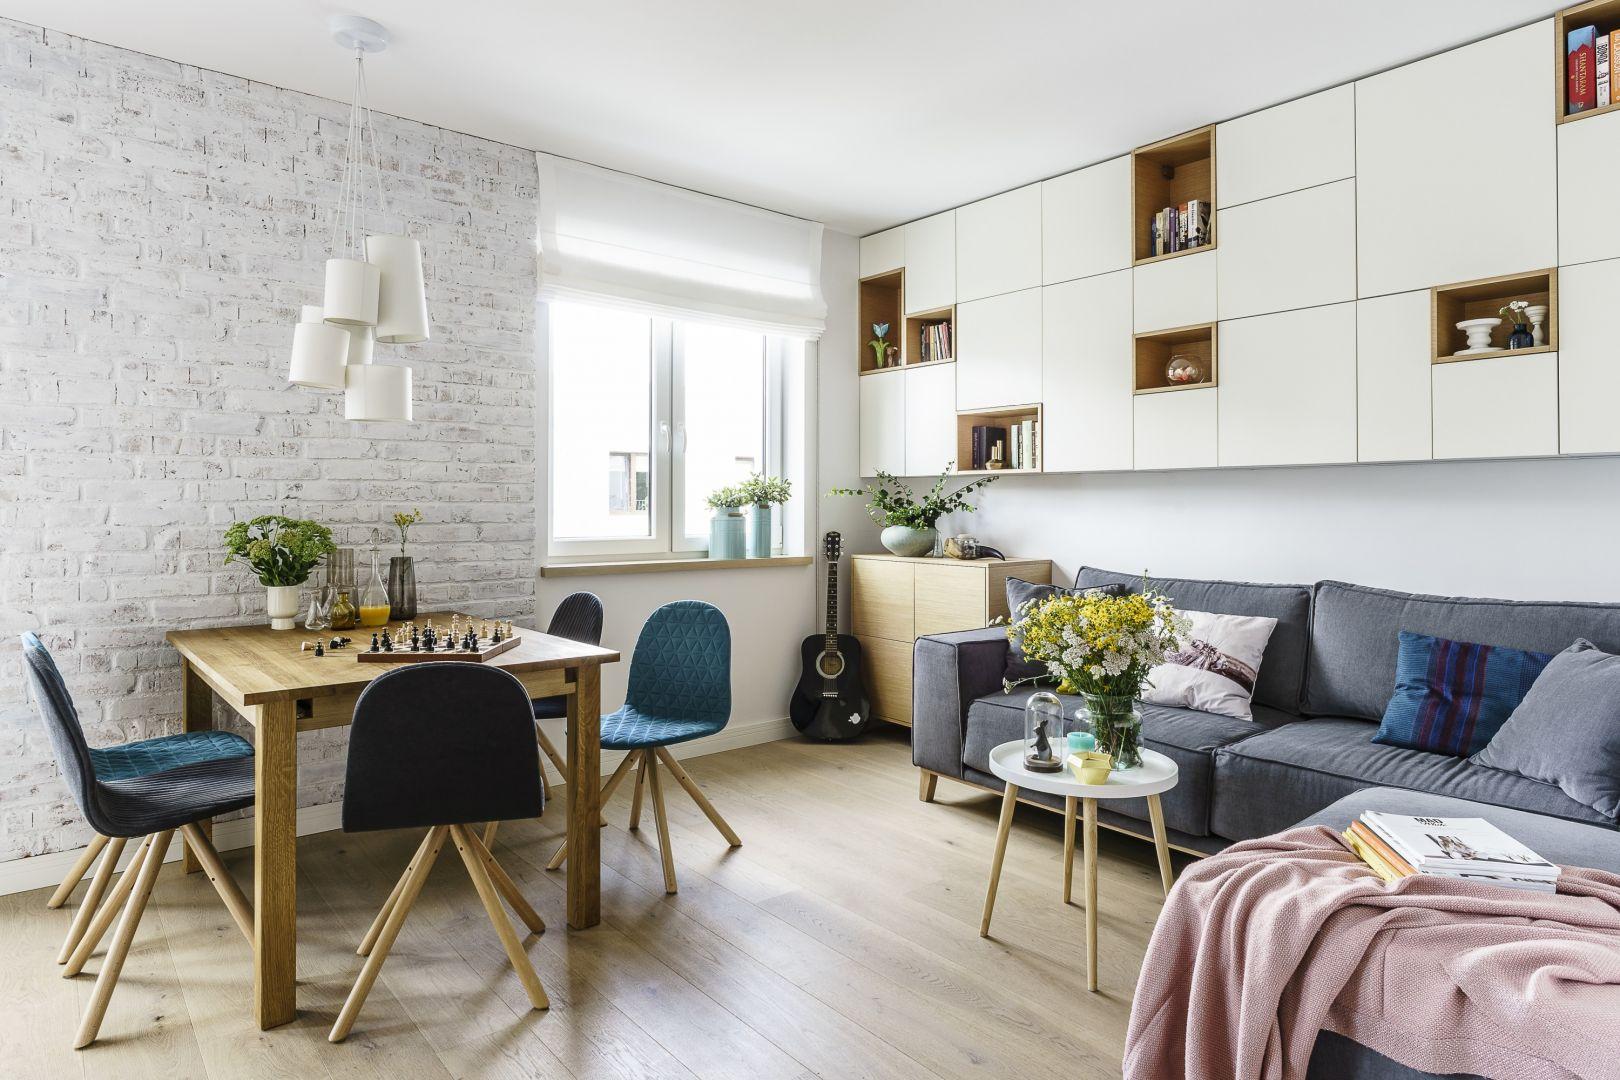 Salon z jadalnią w stylu skandynawskim. Projekt Saje Architekci. Fot. Fotomohito